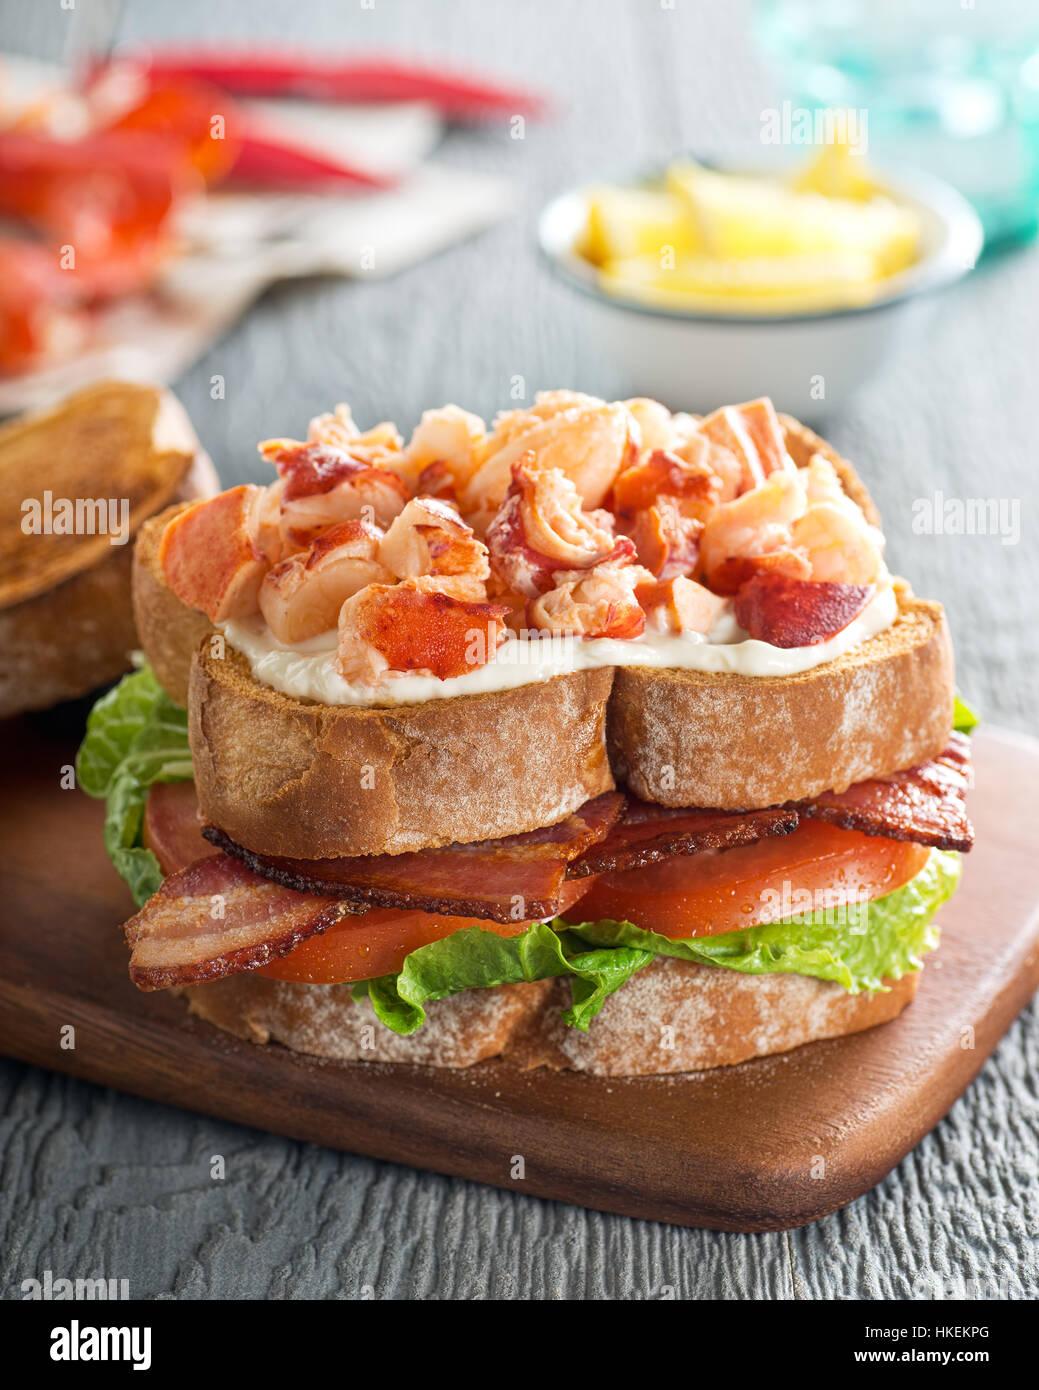 Una deliziosa aragosta club sandwich con bacon, lattuga, pomodoro e maionese sul pane tostato. Foto Stock